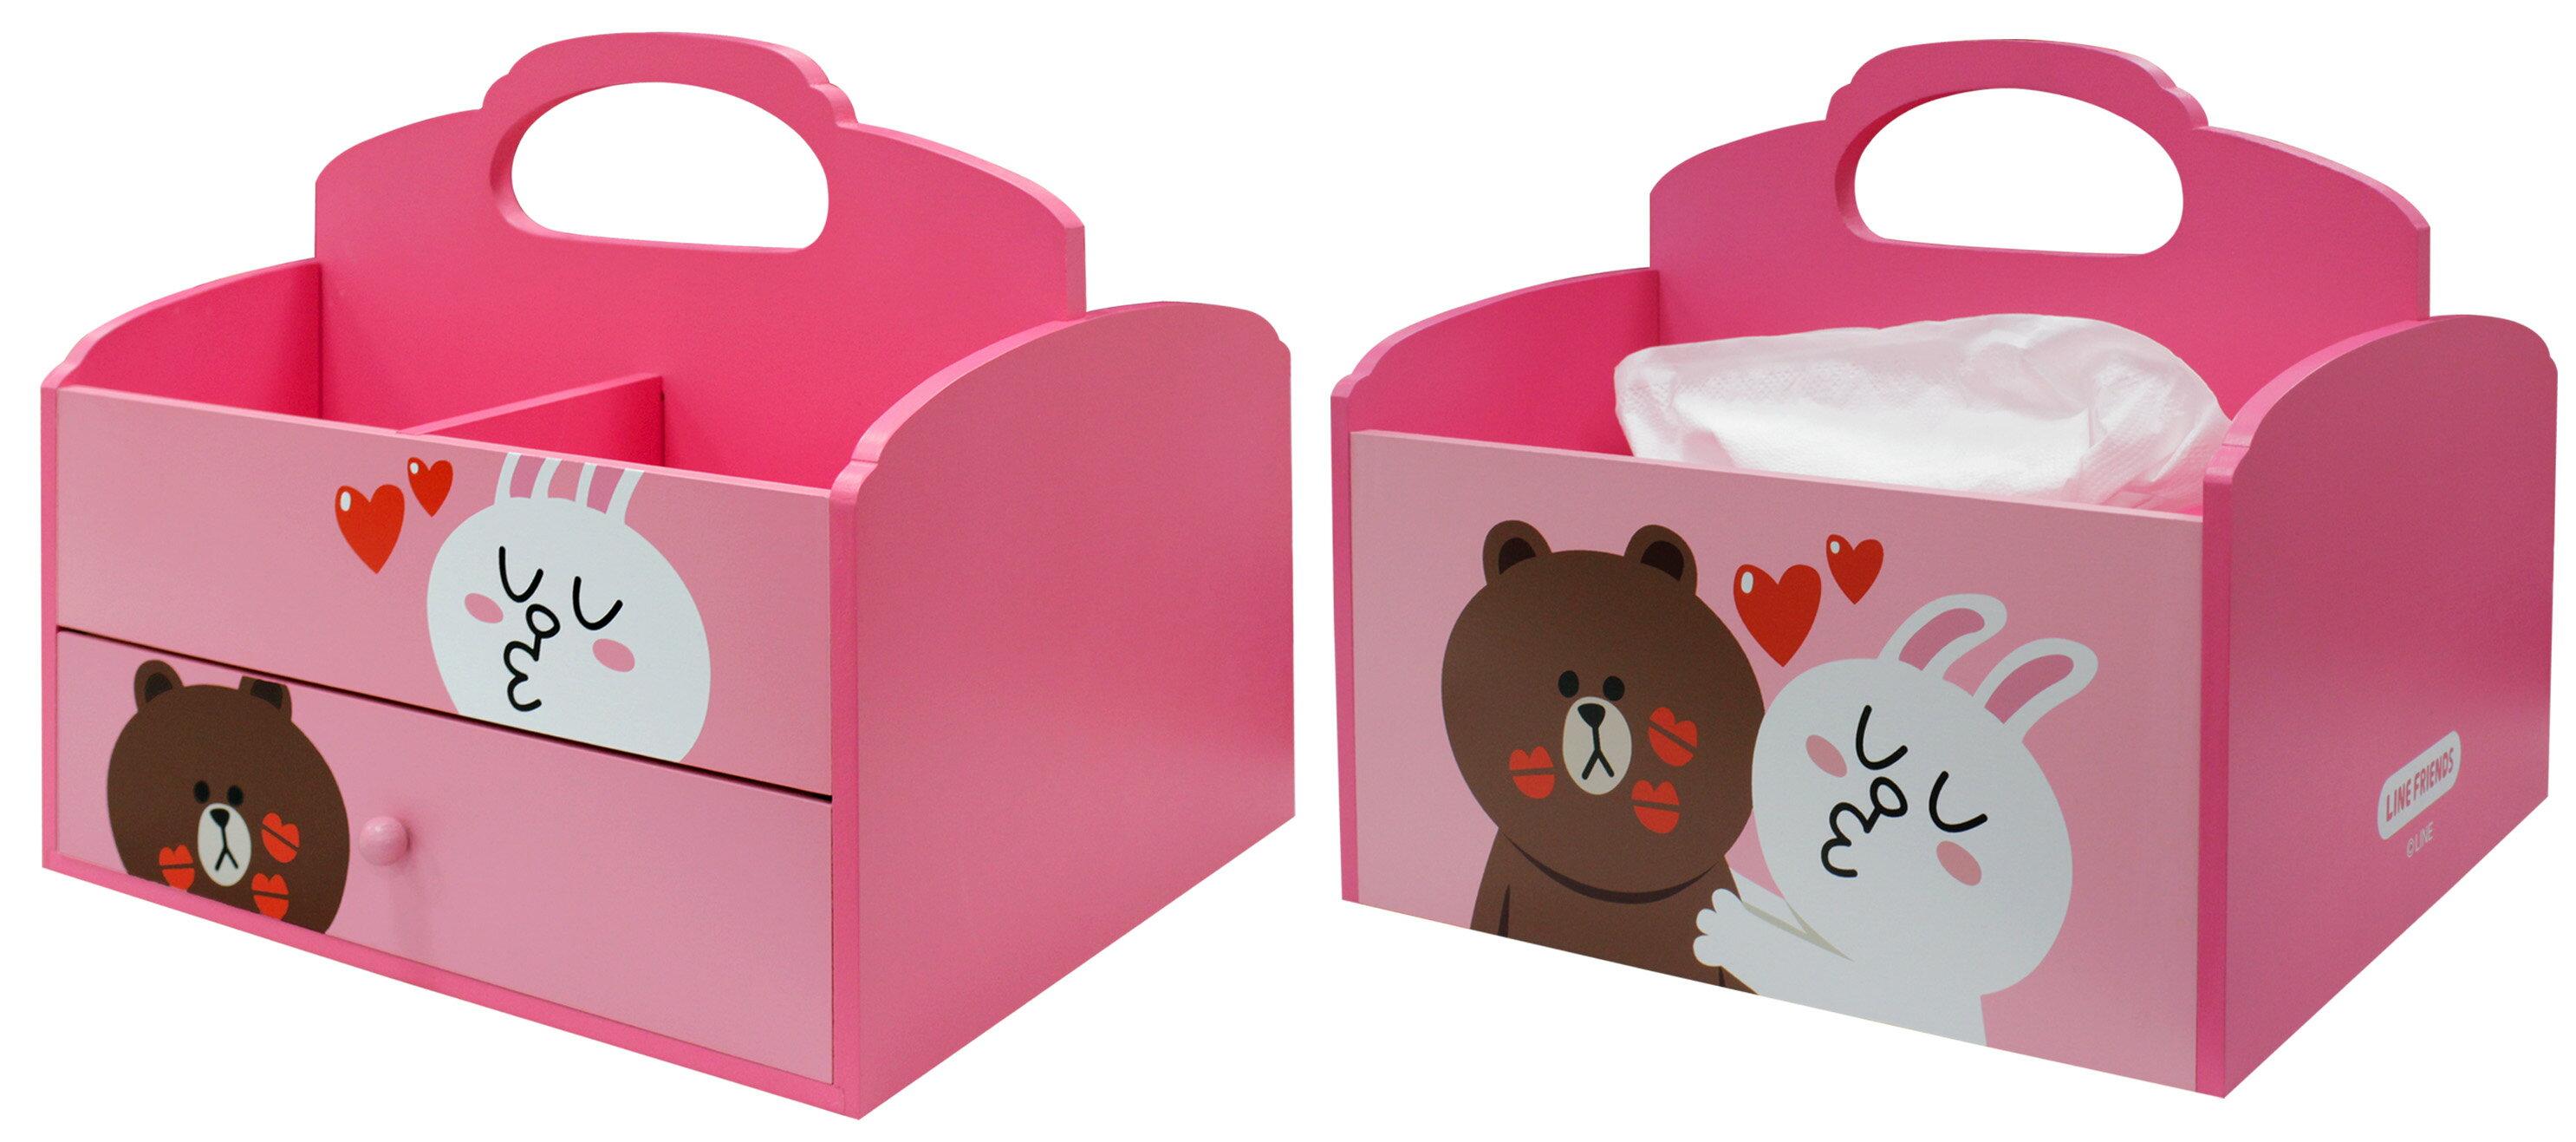 【真愛日本】15080400001手提面紙盒-熊大&兔兔 LINE公仔 饅頭人兔子熊大 面紙盒 面紙套